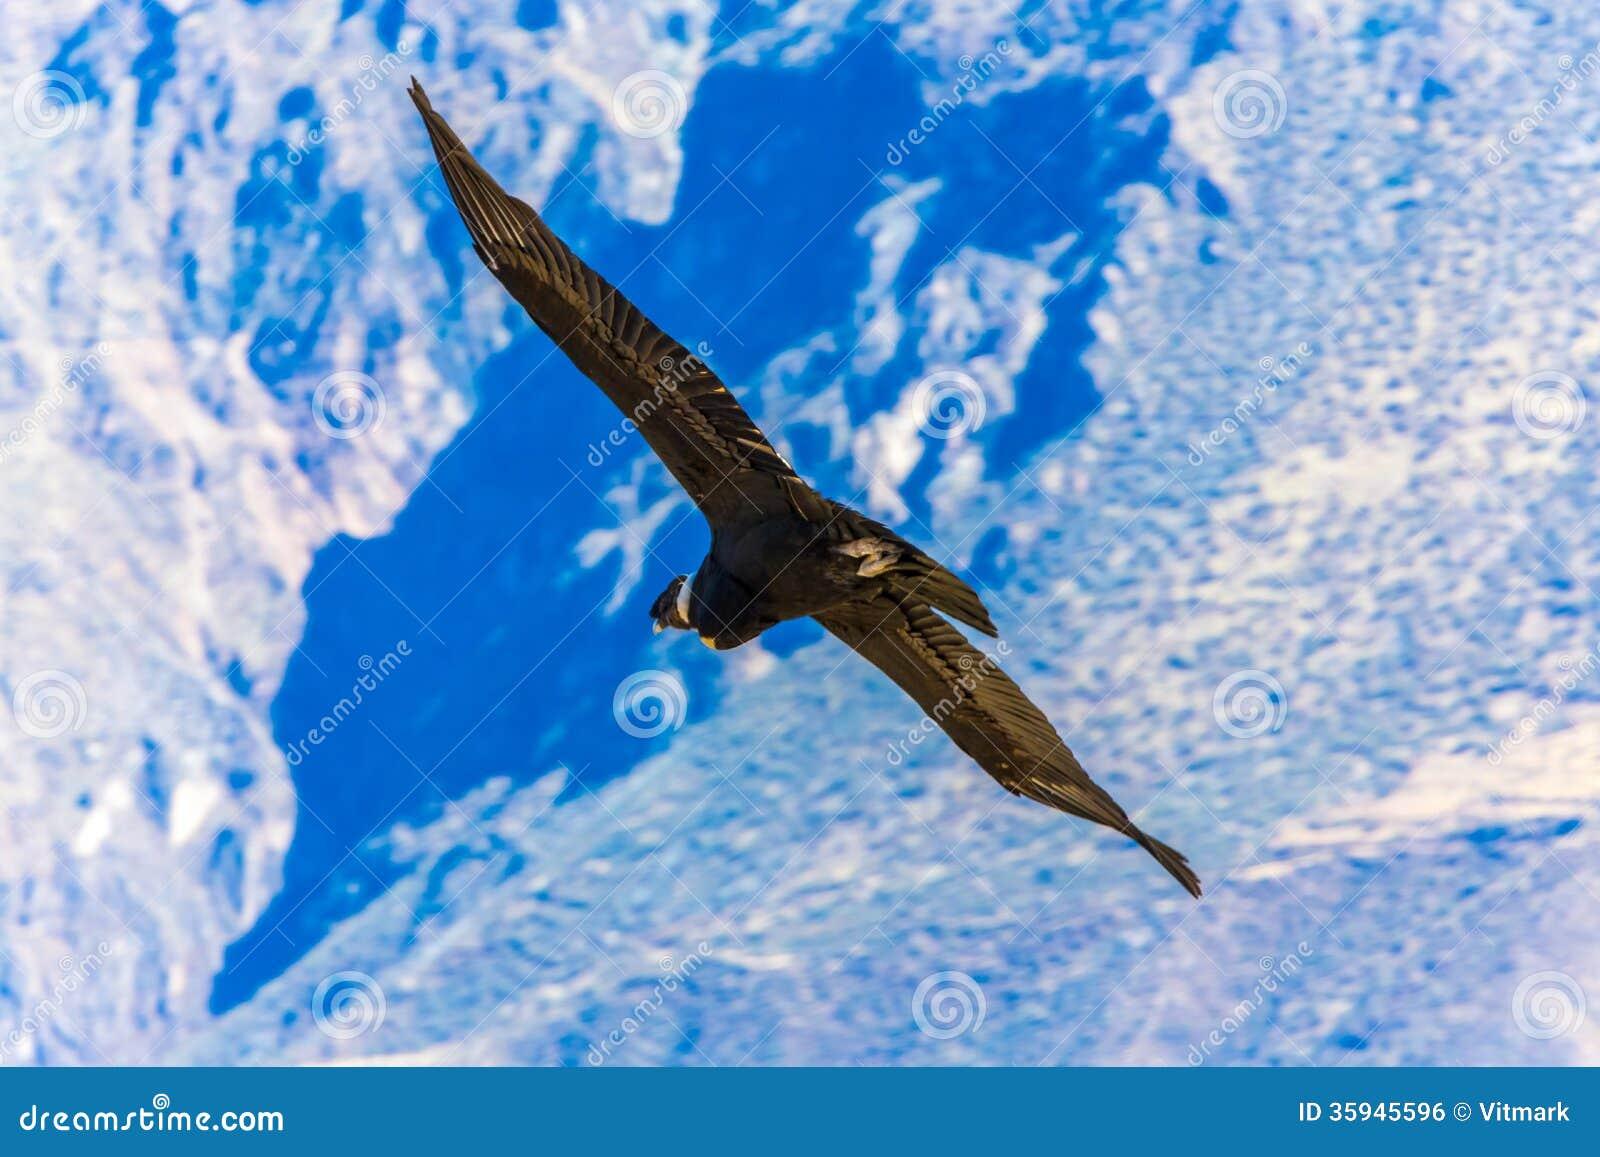 Πετώντας κόνδορας πέρα από το φαράγγι Colca, Περού, Νότια Αμερική. Αυτός ο κόνδορας το μεγαλύτερο πετώντας πουλί